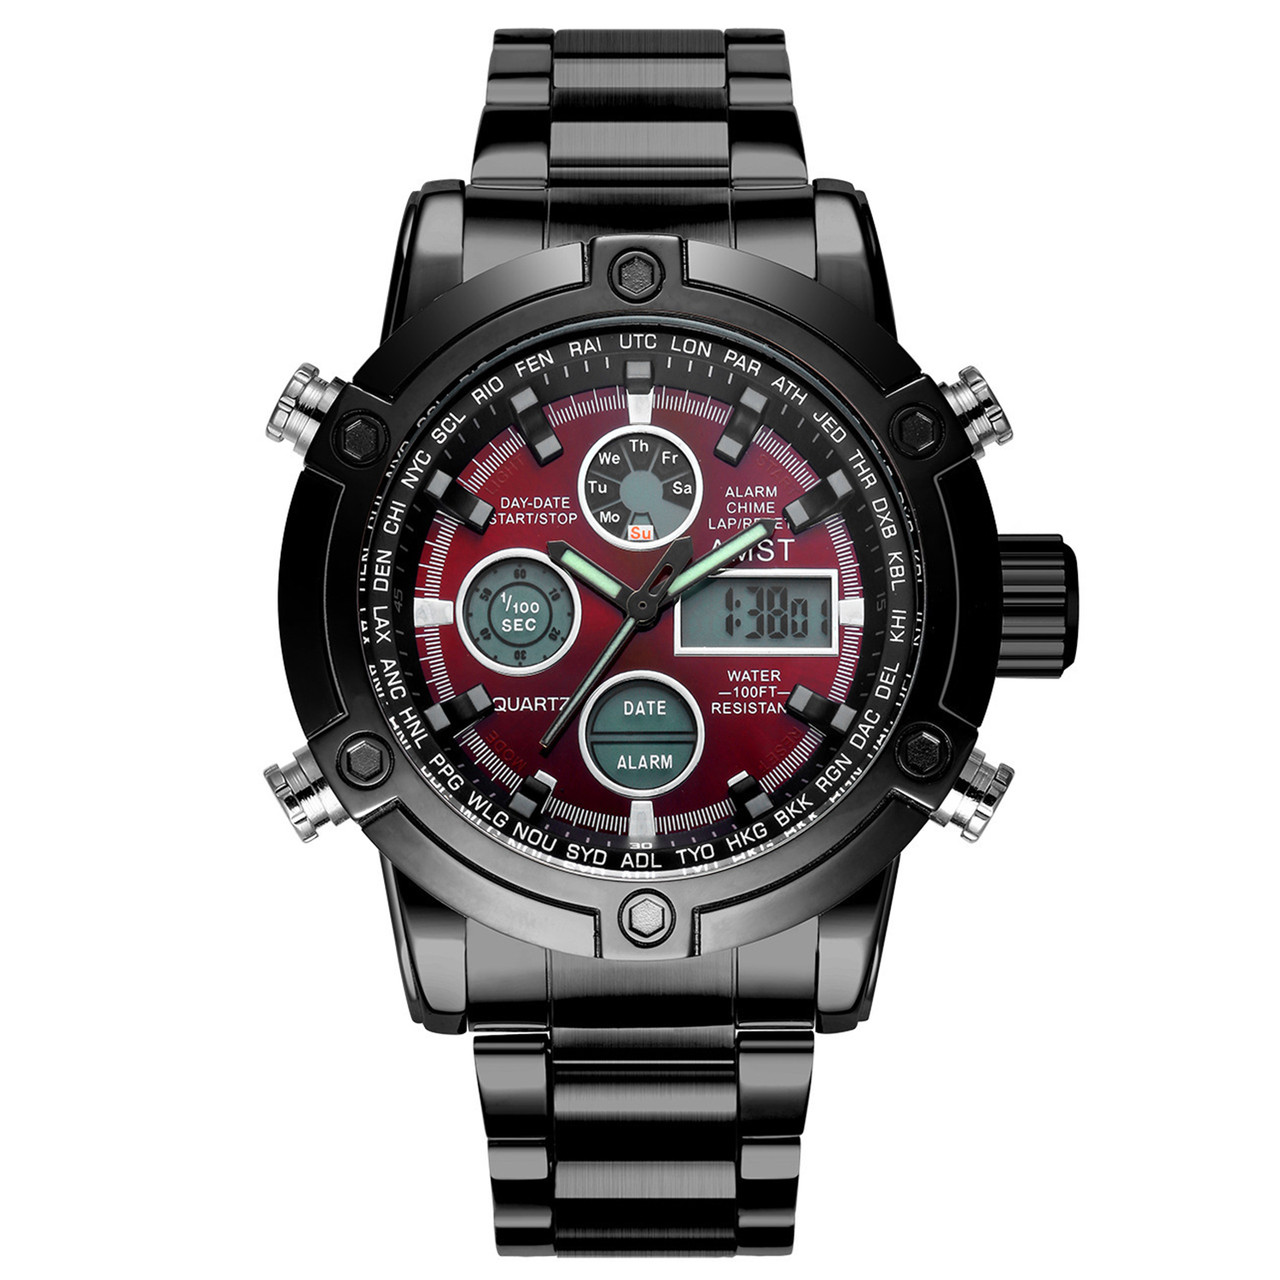 Мужские наручные часы AMST 3022 Metall Black-Red